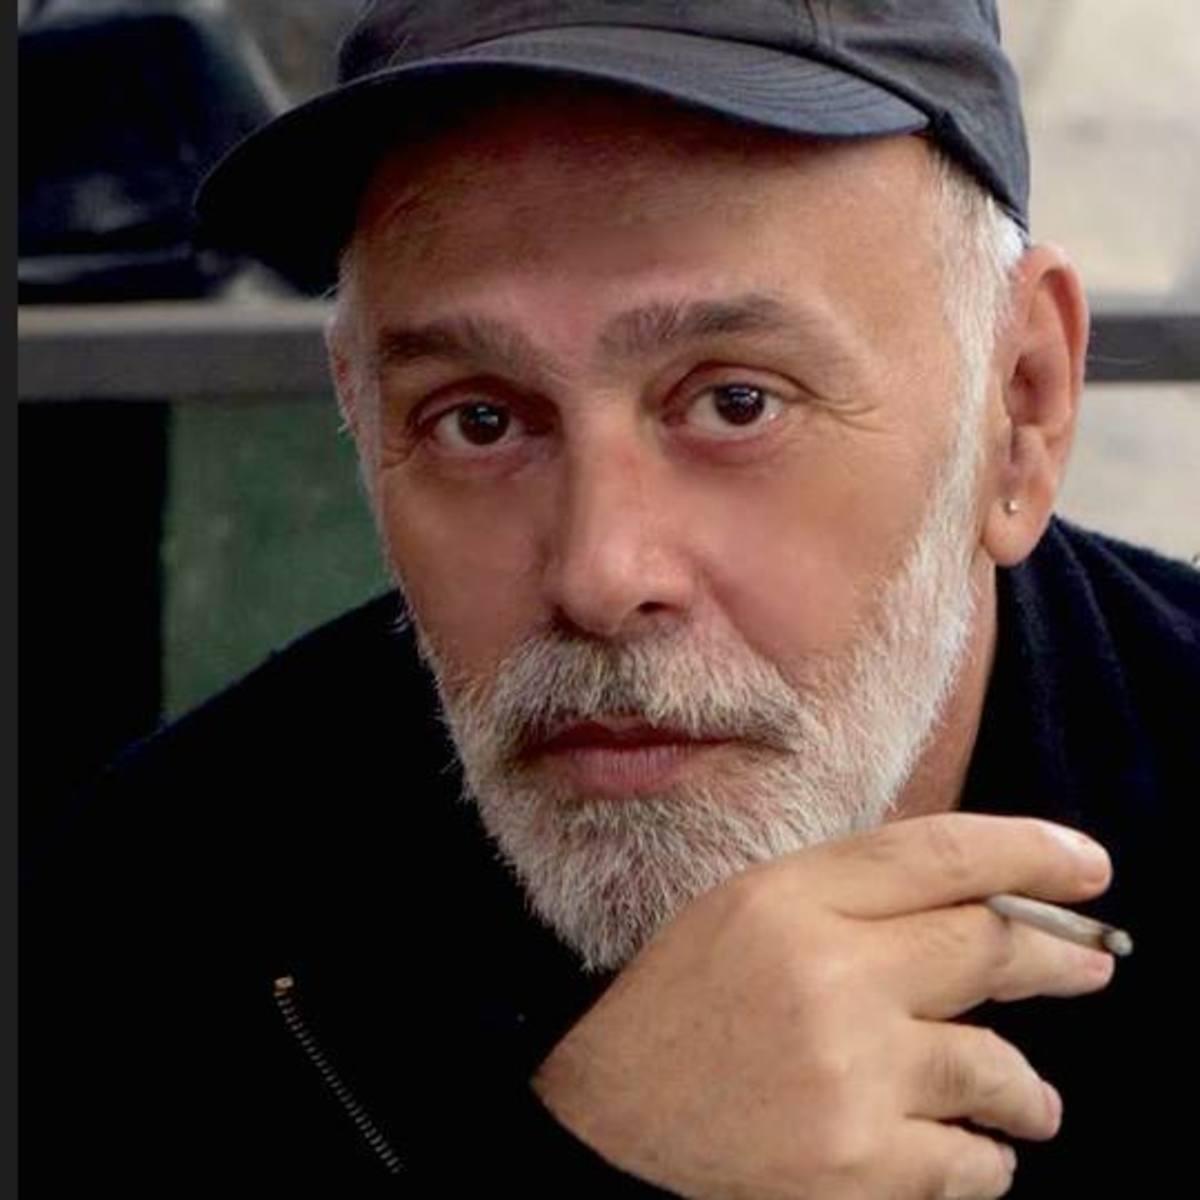 Πέθανε στα 56 του, ο συγγραφέας Χρήστος Αγγελάκος